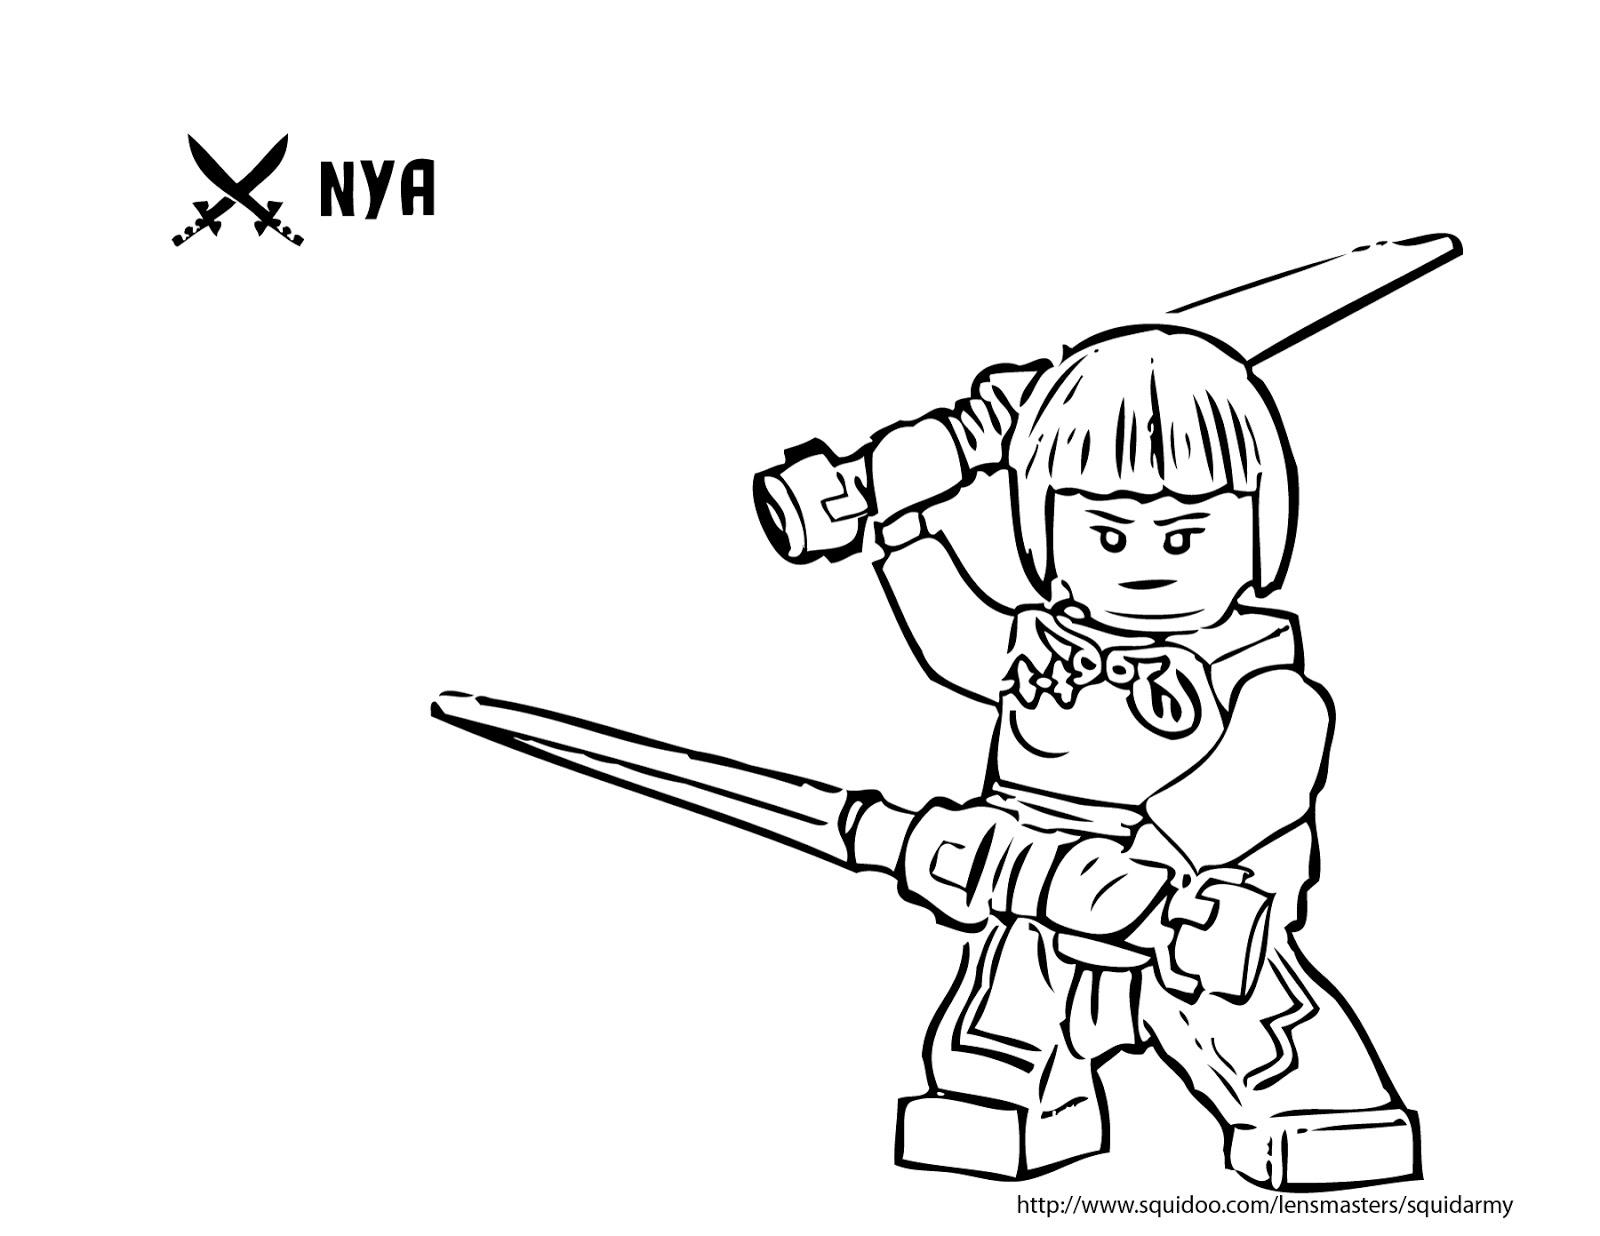 Lego Ninjago Ausmalbilder Morro : Ninjago Jay Coloring Pages Democraciaejustica